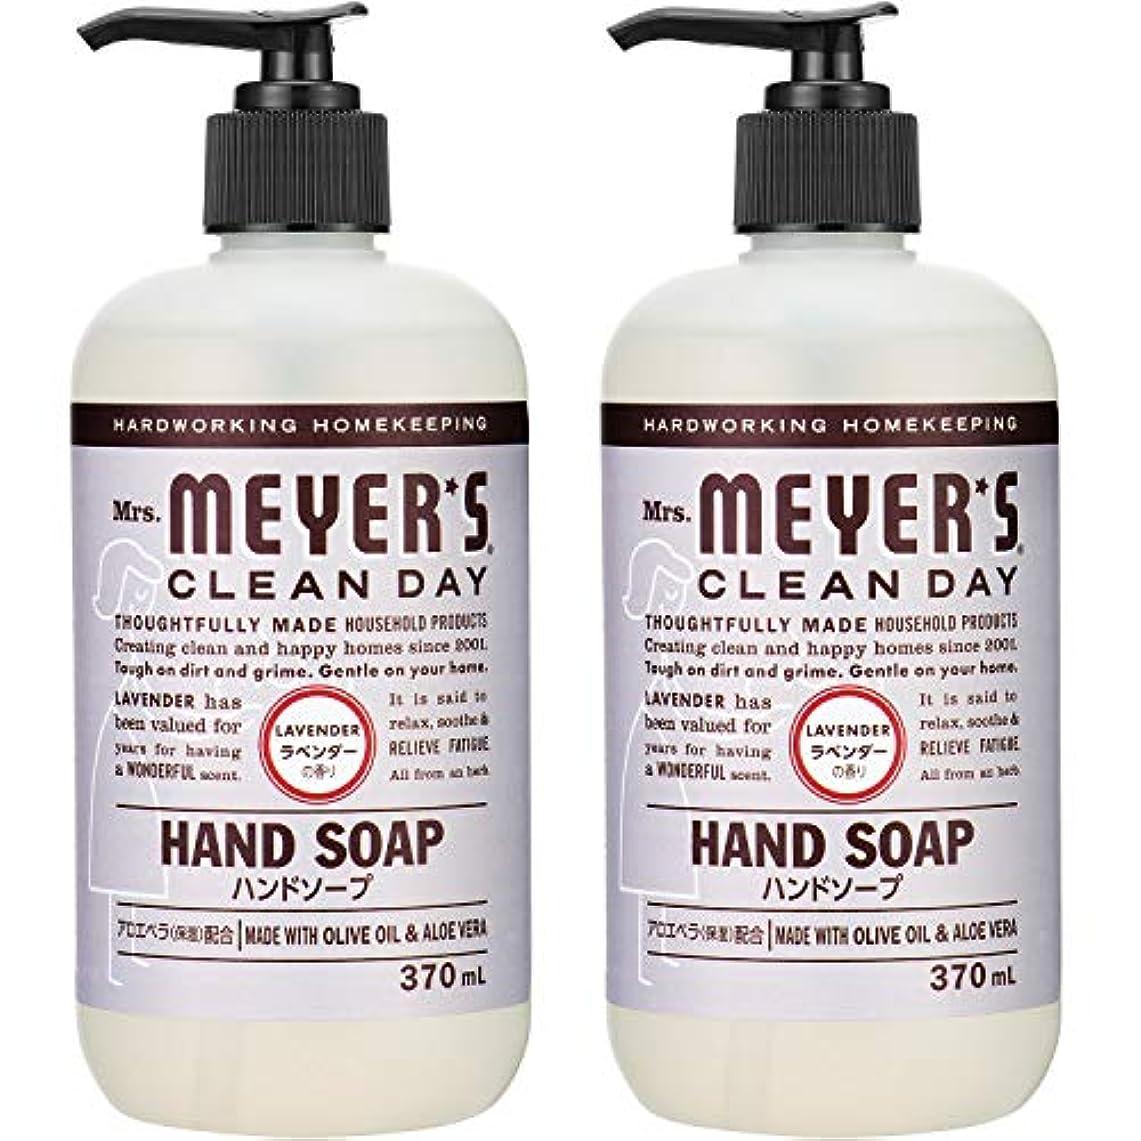 フットボールクック迫害するMrs. MEYER'S CLEAN DAY(ミセスマイヤーズ クリーンデイ) ミセスマイヤーズ クリーンデイ(Mrs.Meyers Clean Day) ハンドソープ ラベンダーの香り 370ml×2個